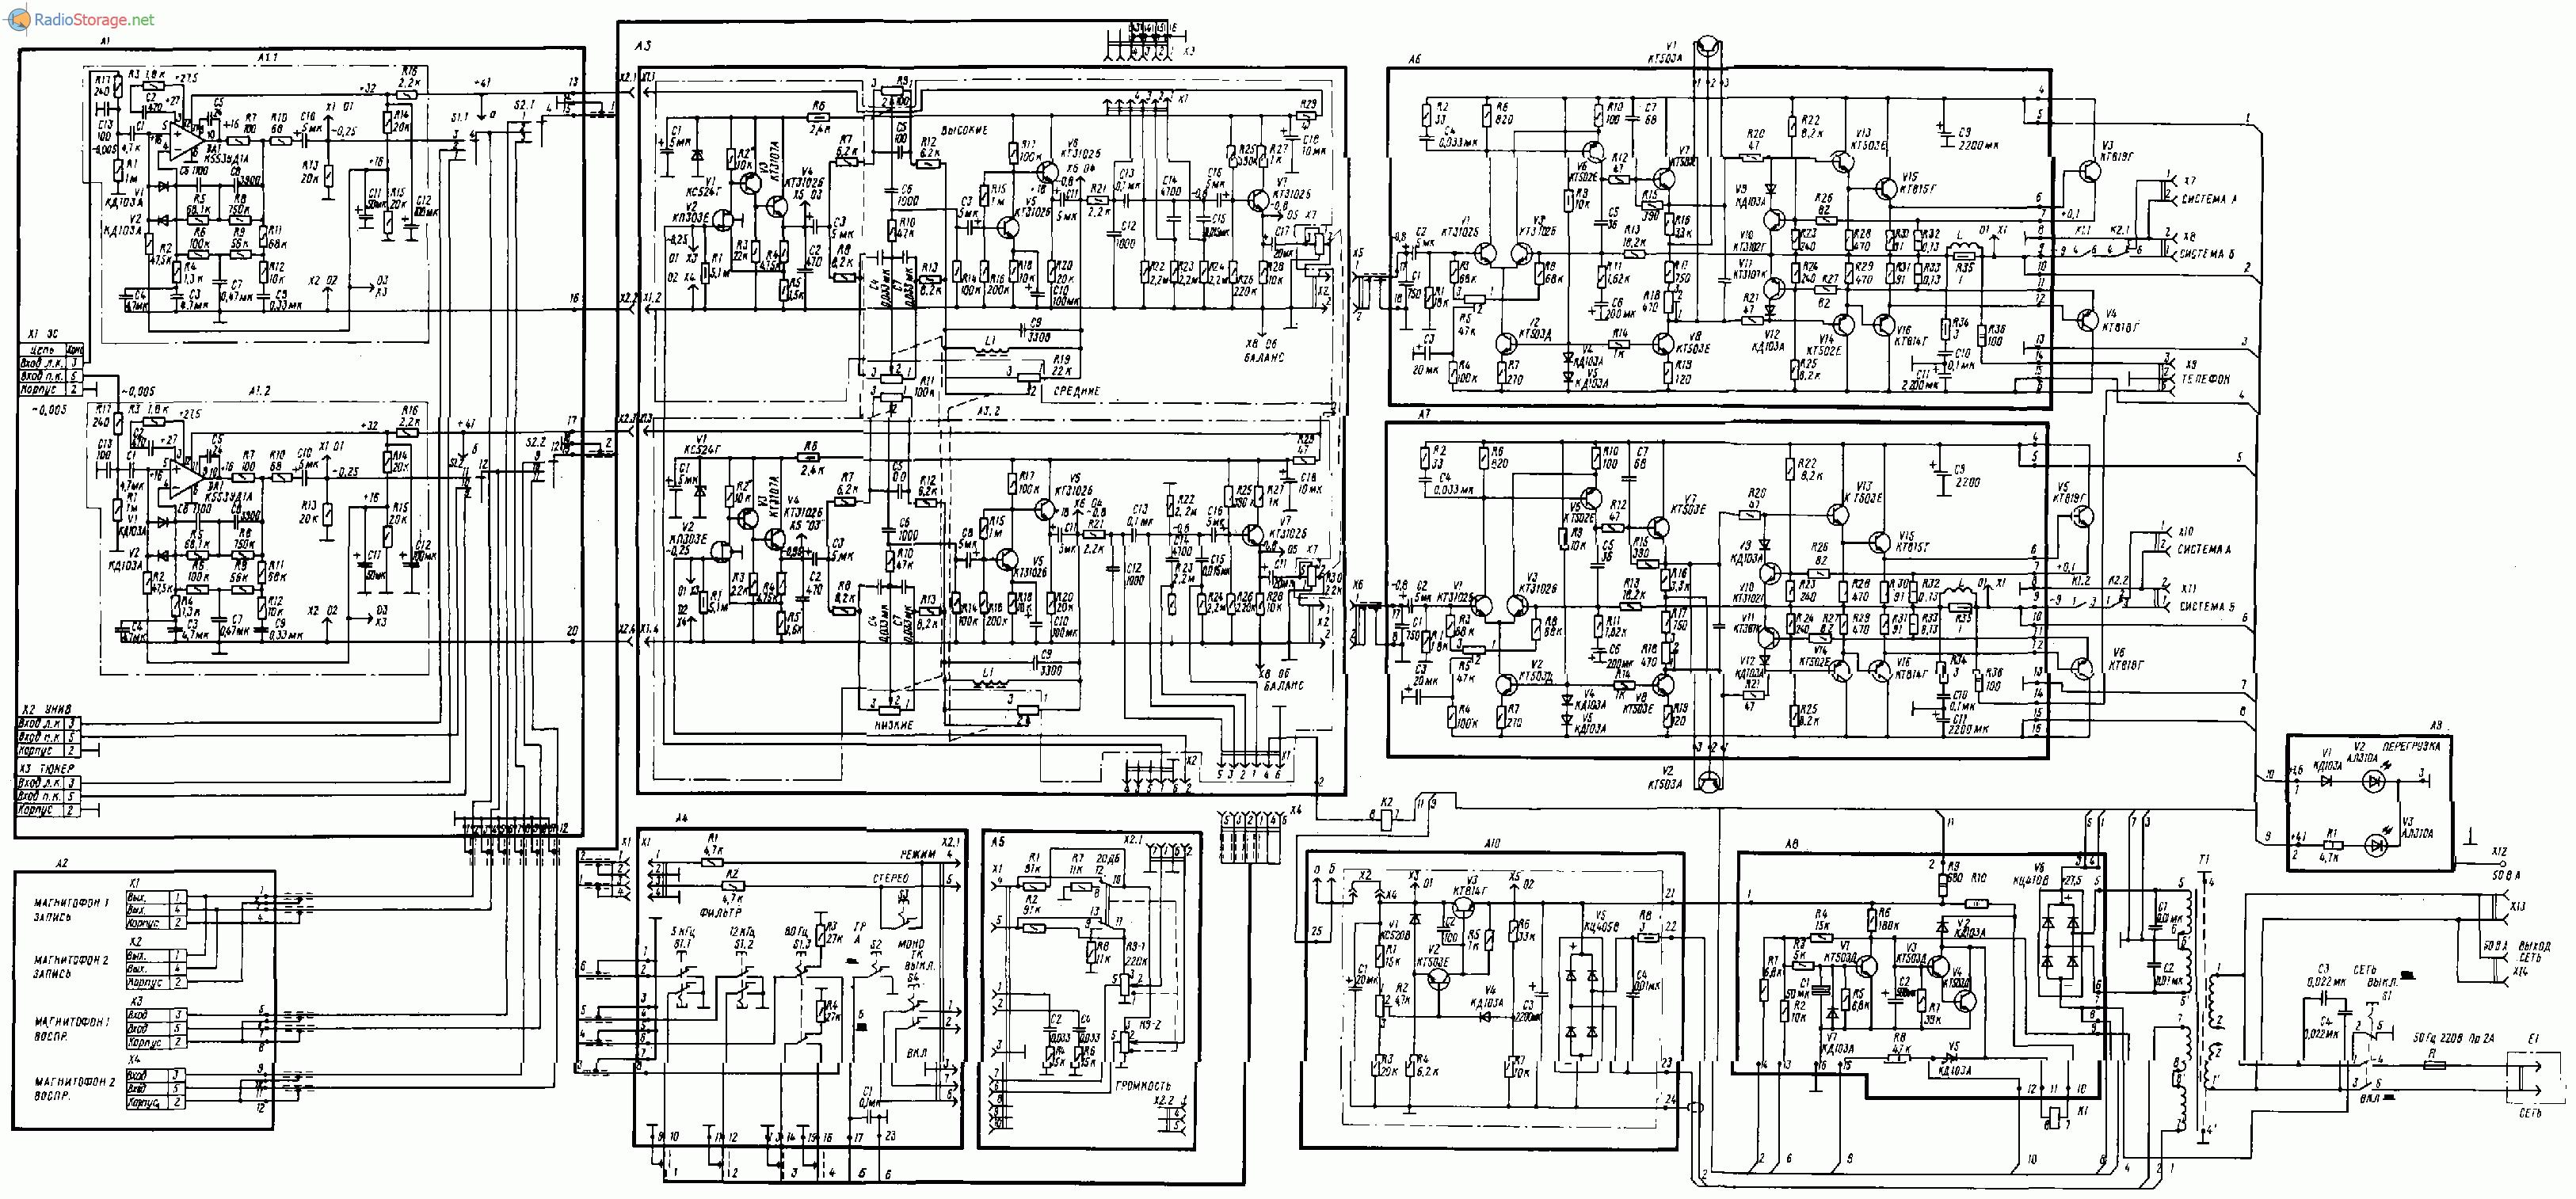 Усилитель Амфитон AJ-01-У стерео, схема